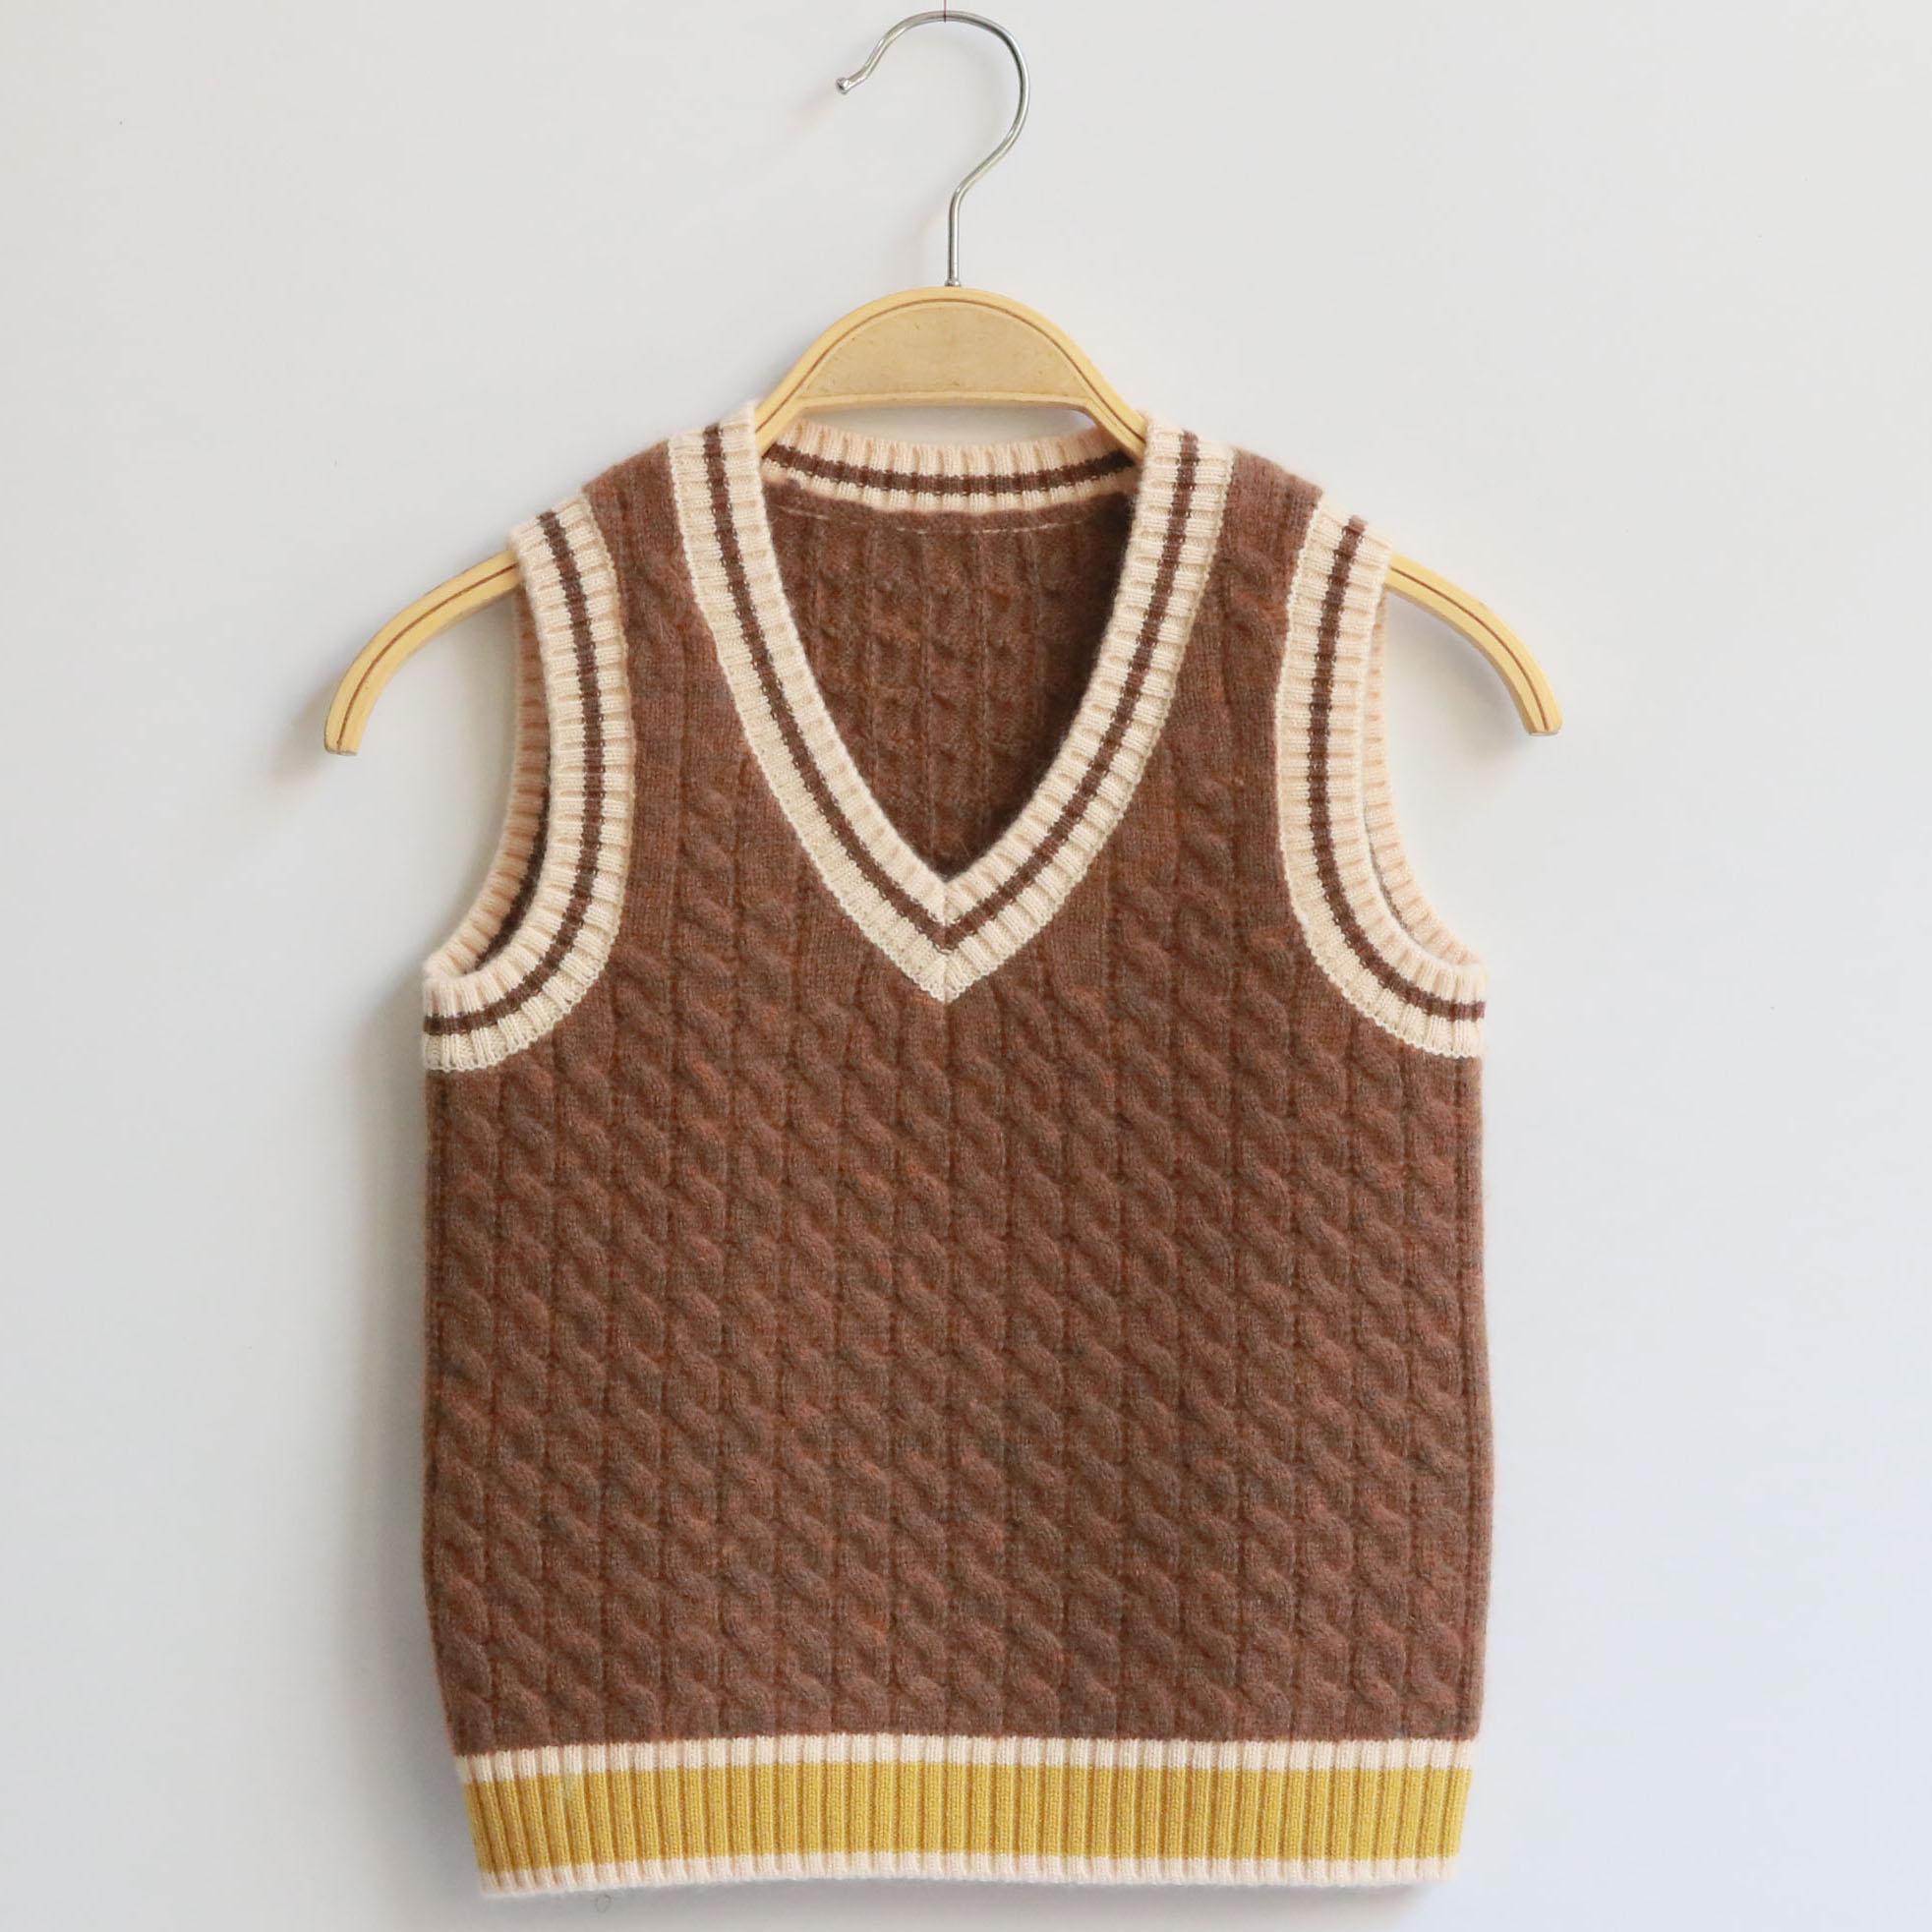 Мужские свитера / Кардиганы / Жилеты Артикул 602543340635